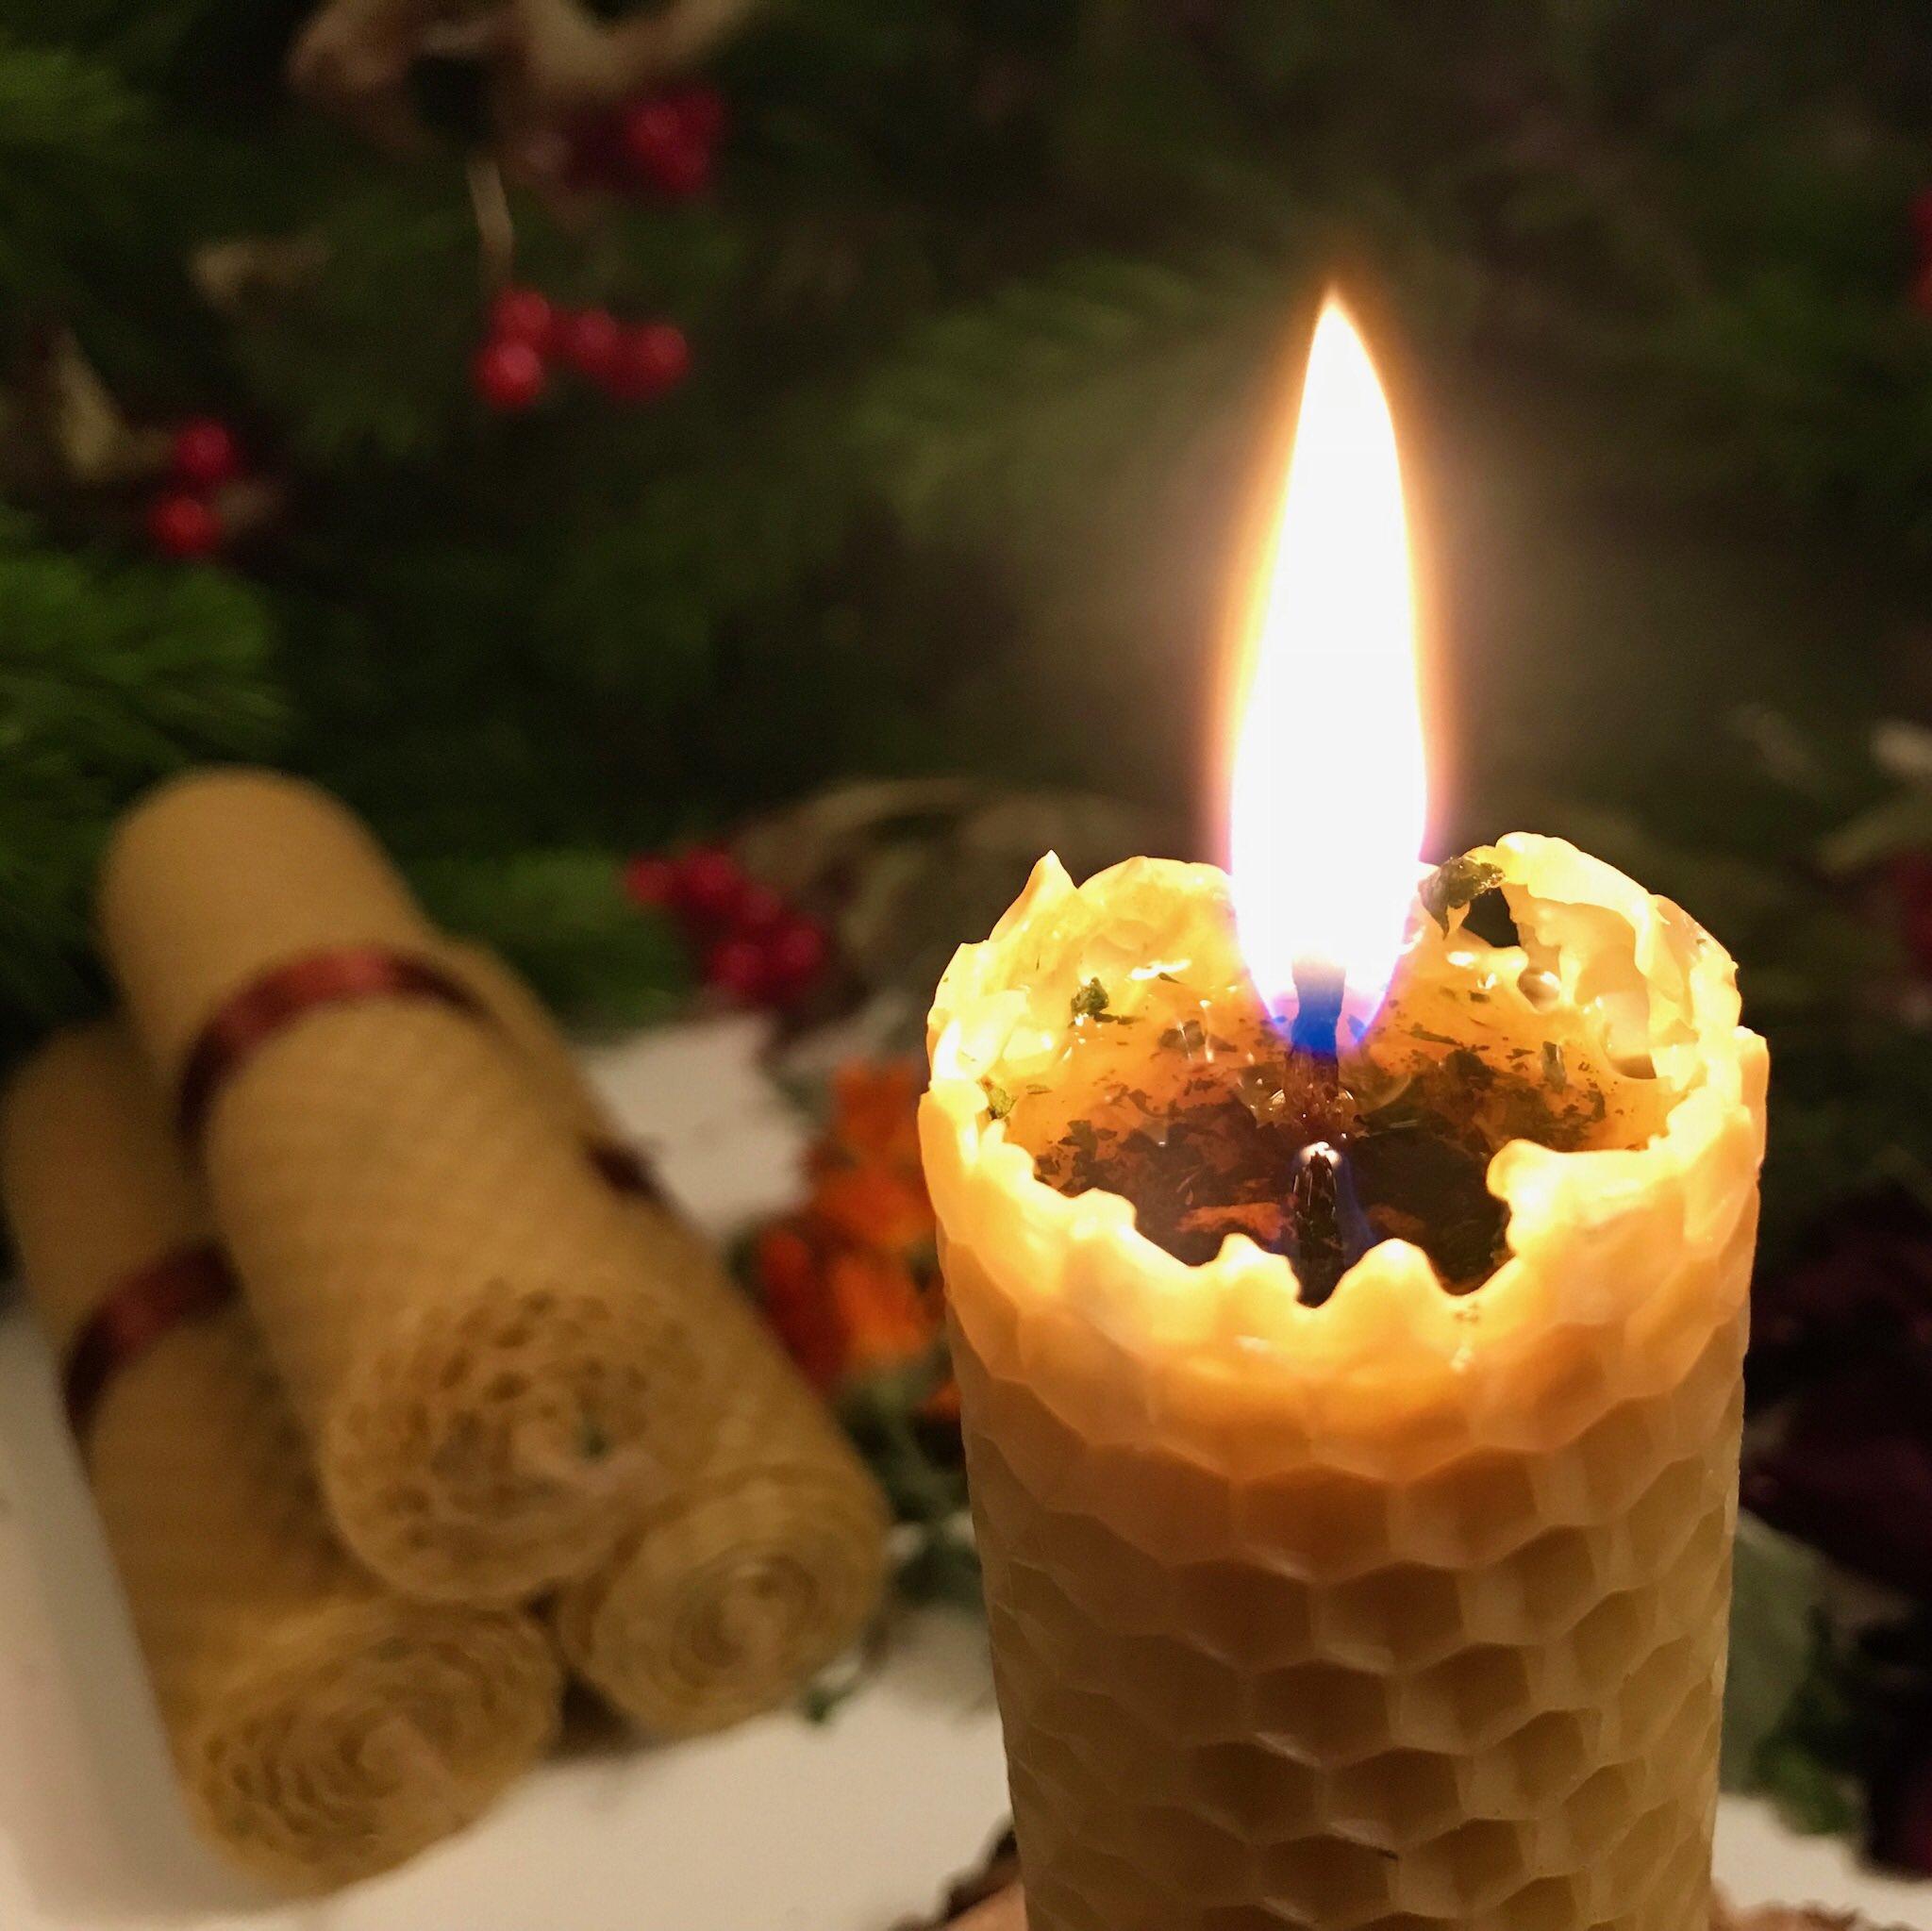 пакета тарельчатых имя алена свечами фото должен